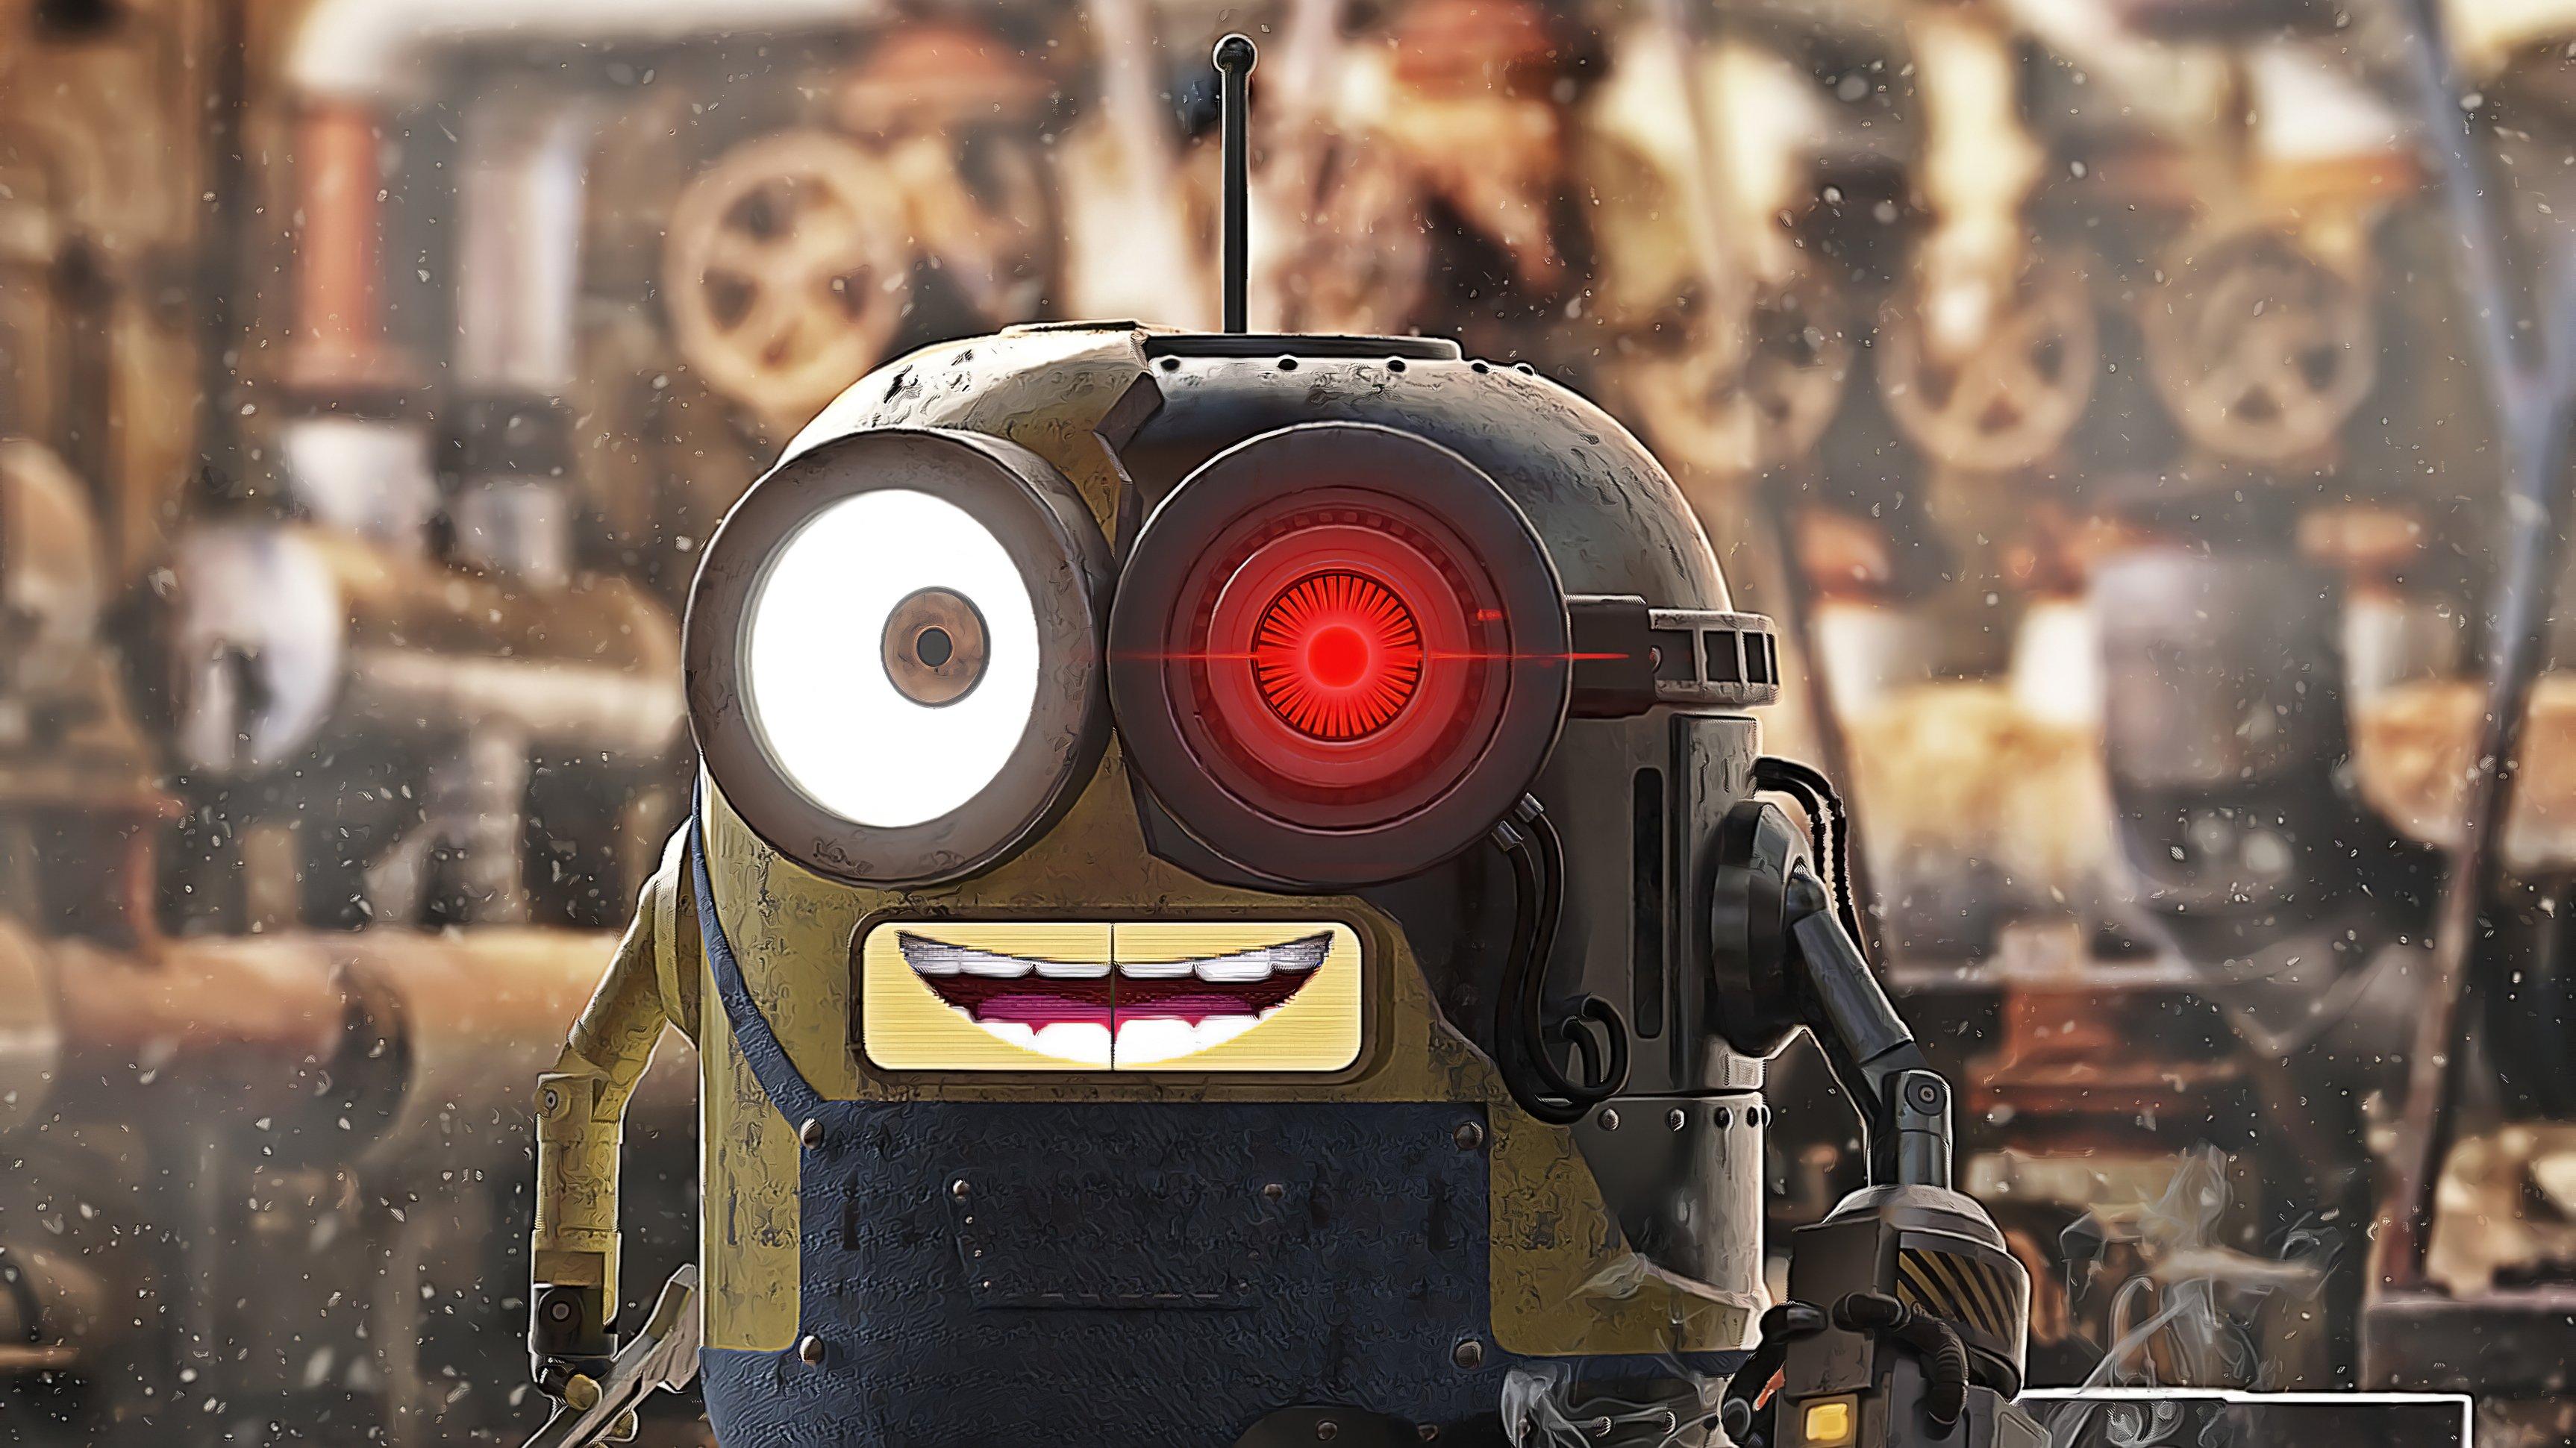 Fondos de pantalla Minion como Robot